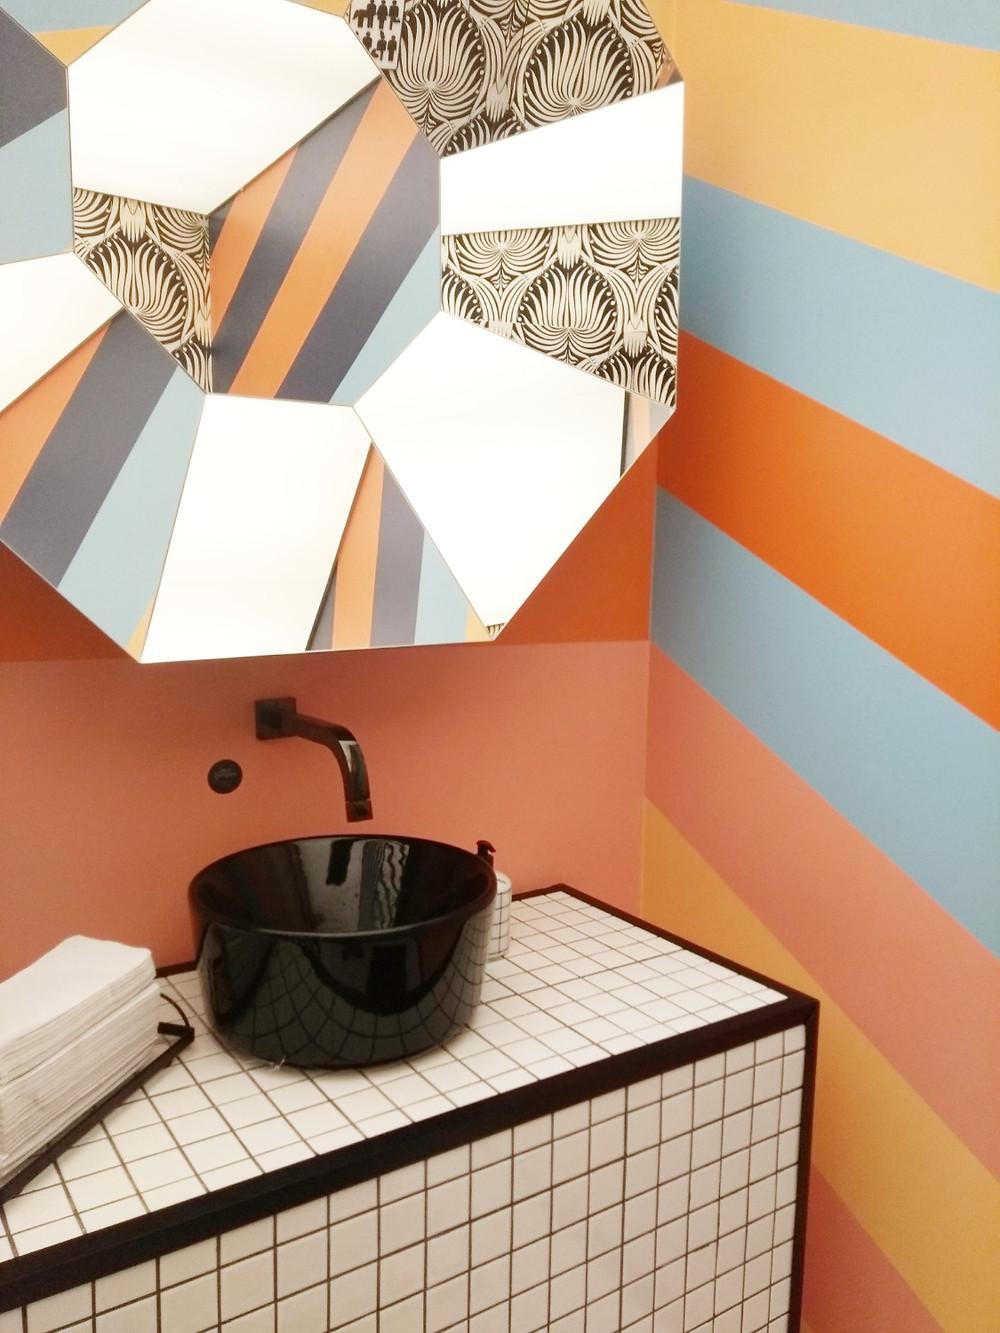 Banheiro público colorido